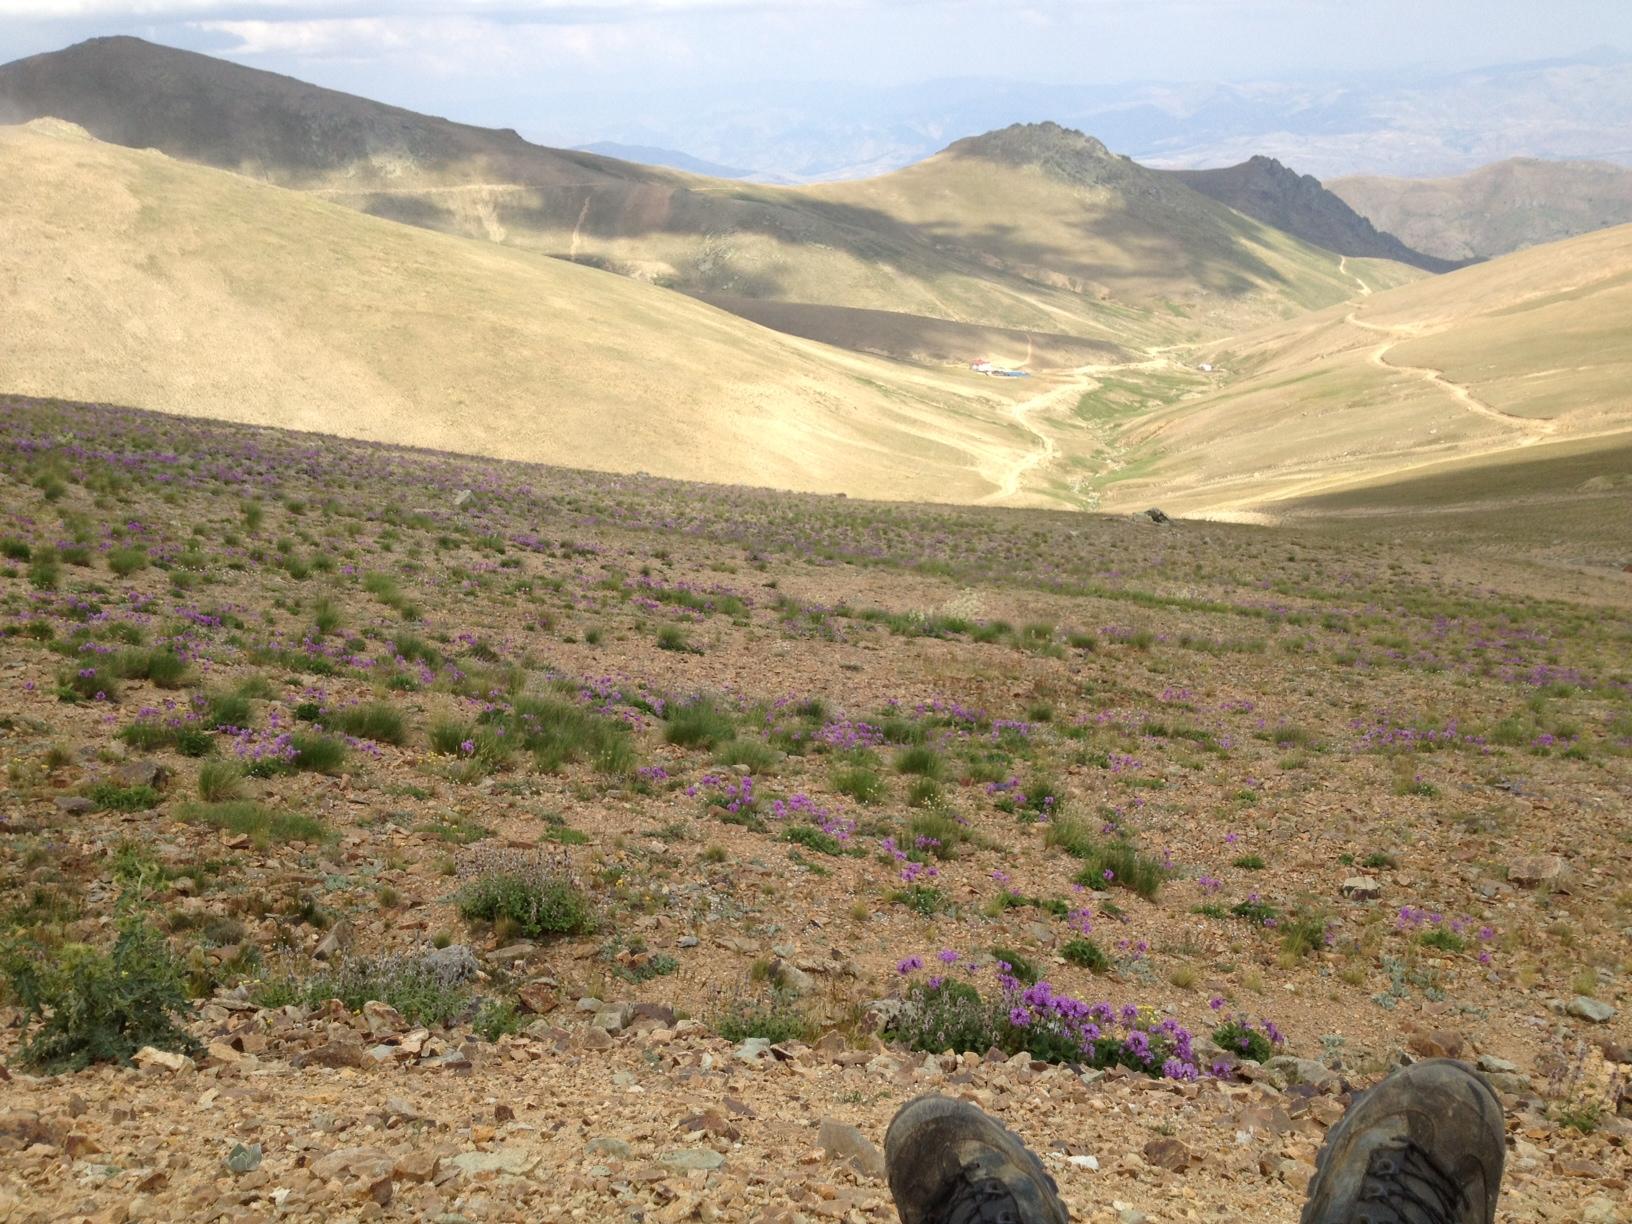 Växtplats: bergssluttning i västra turkiet – vi tre & trädgÃ¥rd